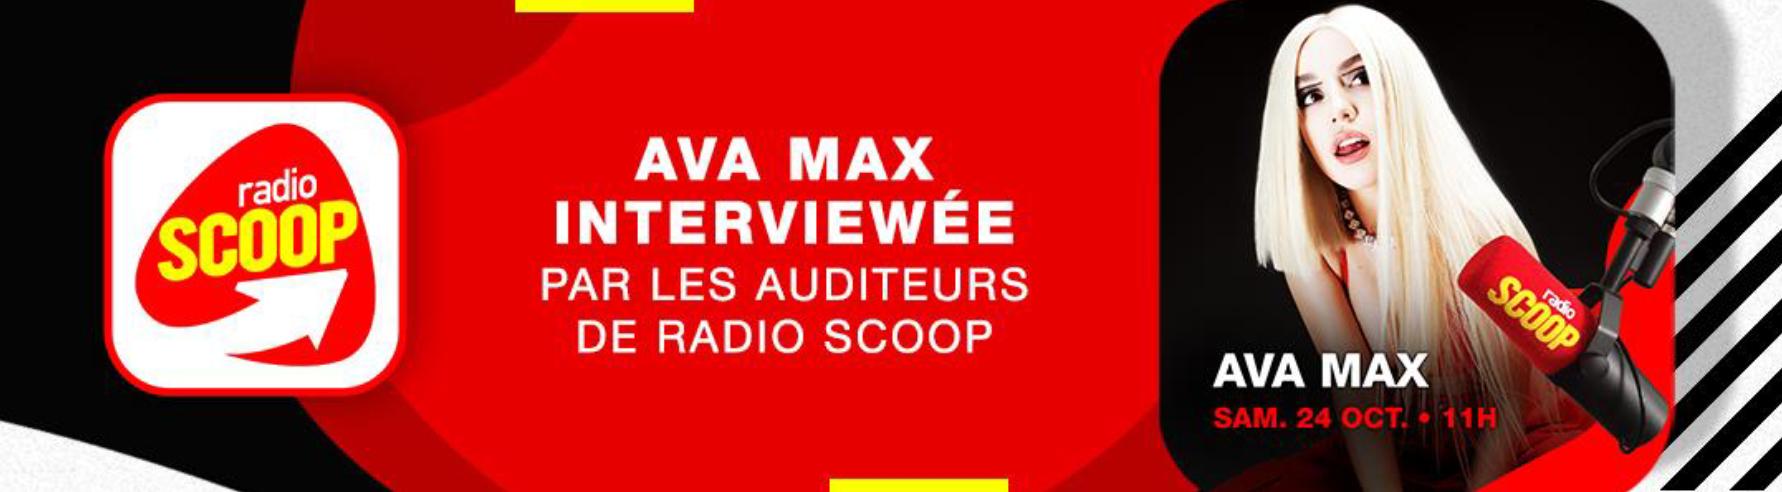 Radio Scoop organise une semaine spéciale Ava Max